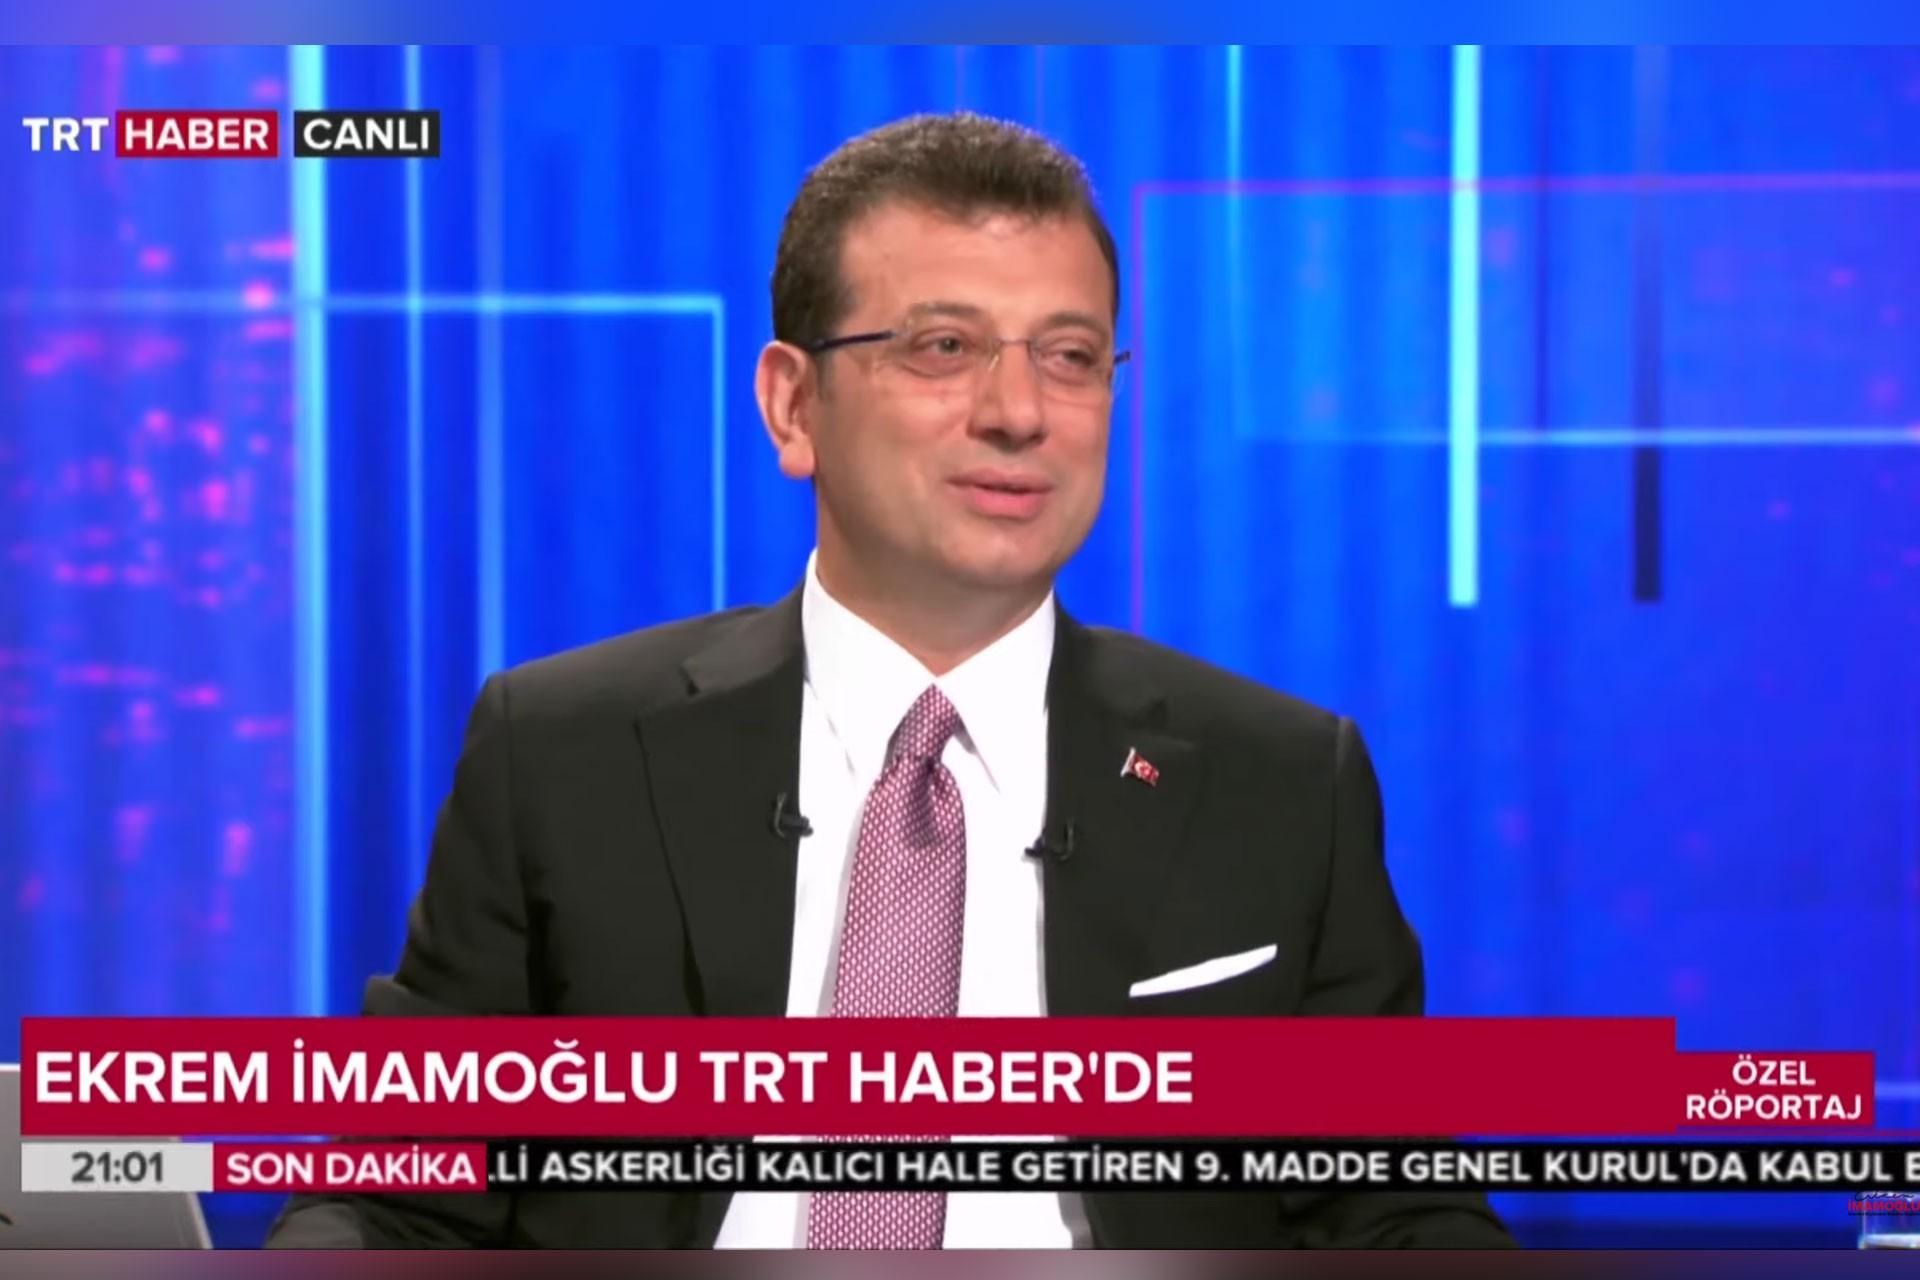 Ekrem İmamoğlu'dan TRT'ye 'sansür' tepkisi: Adil olduğunuzu düşünüyor musunuz?